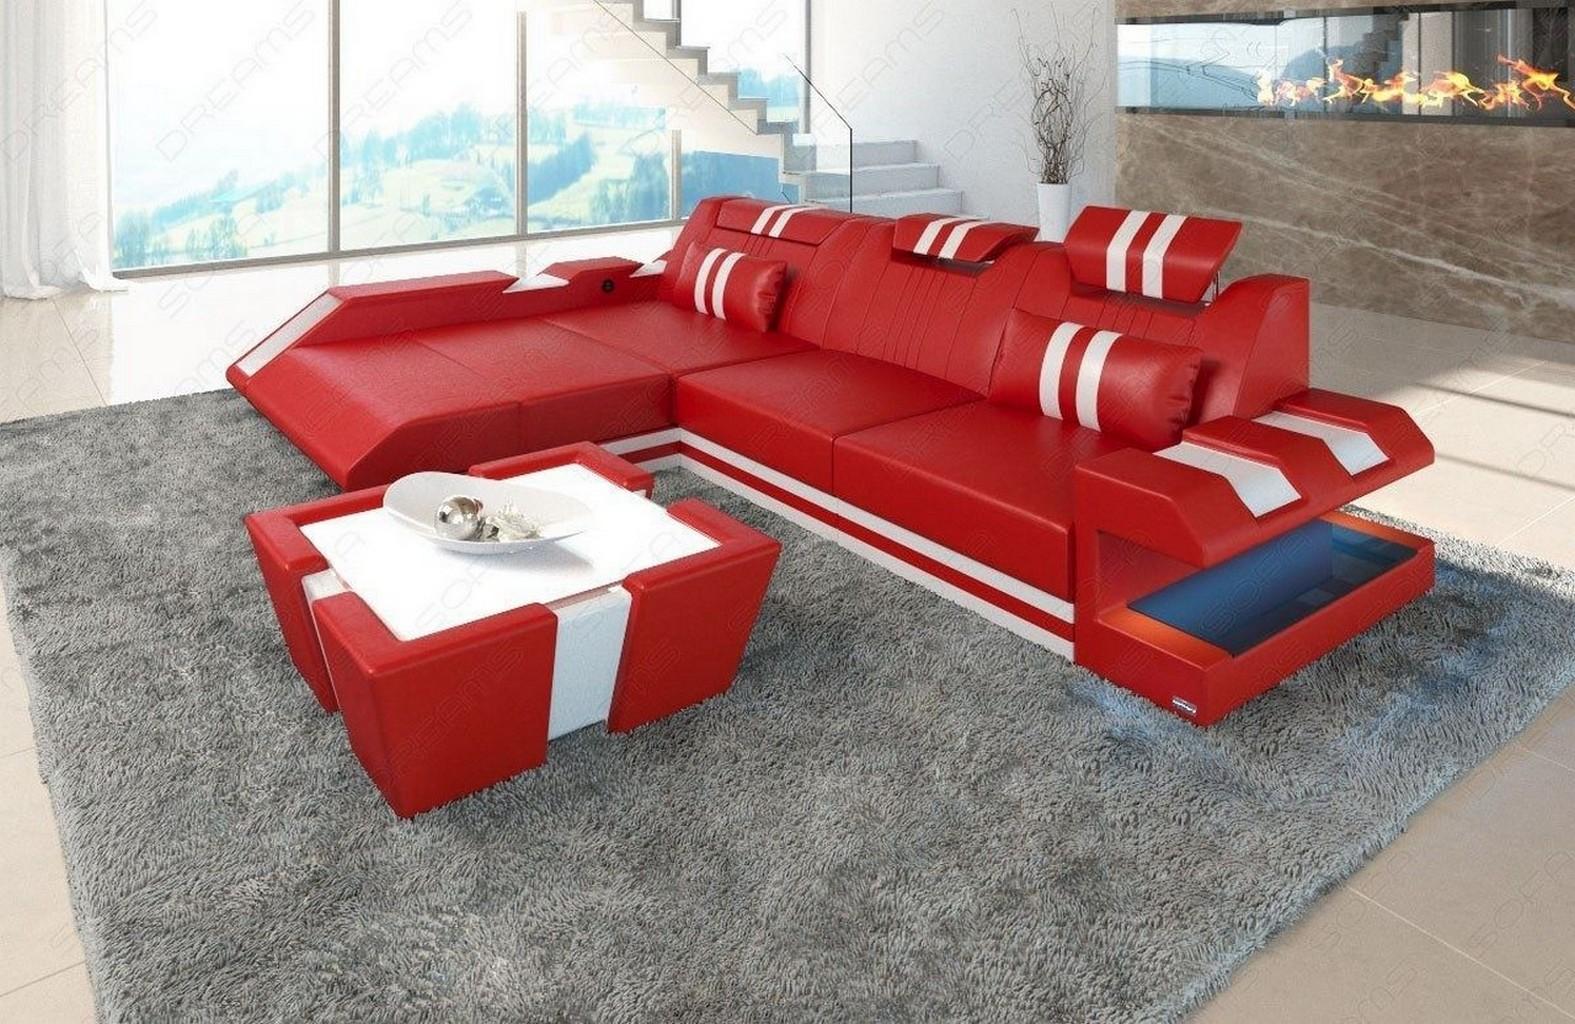 sectional sofa genuine leather new jersey l shape led lights usb port ebay. Black Bedroom Furniture Sets. Home Design Ideas